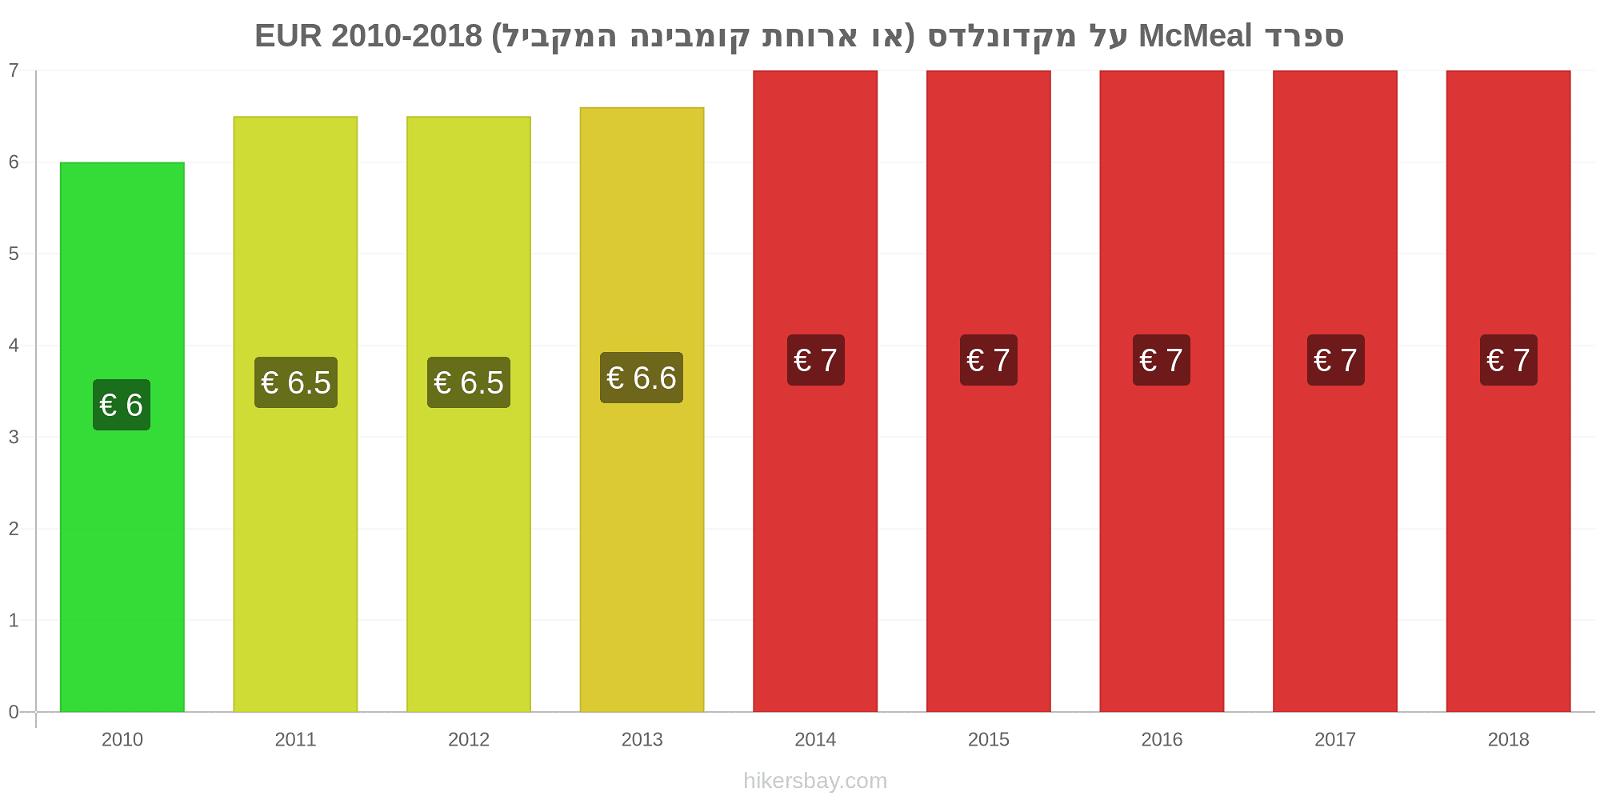 ספרד שינויי מחירים McMeal על מקדונלדס (או ארוחת קומבינה המקביל) hikersbay.com